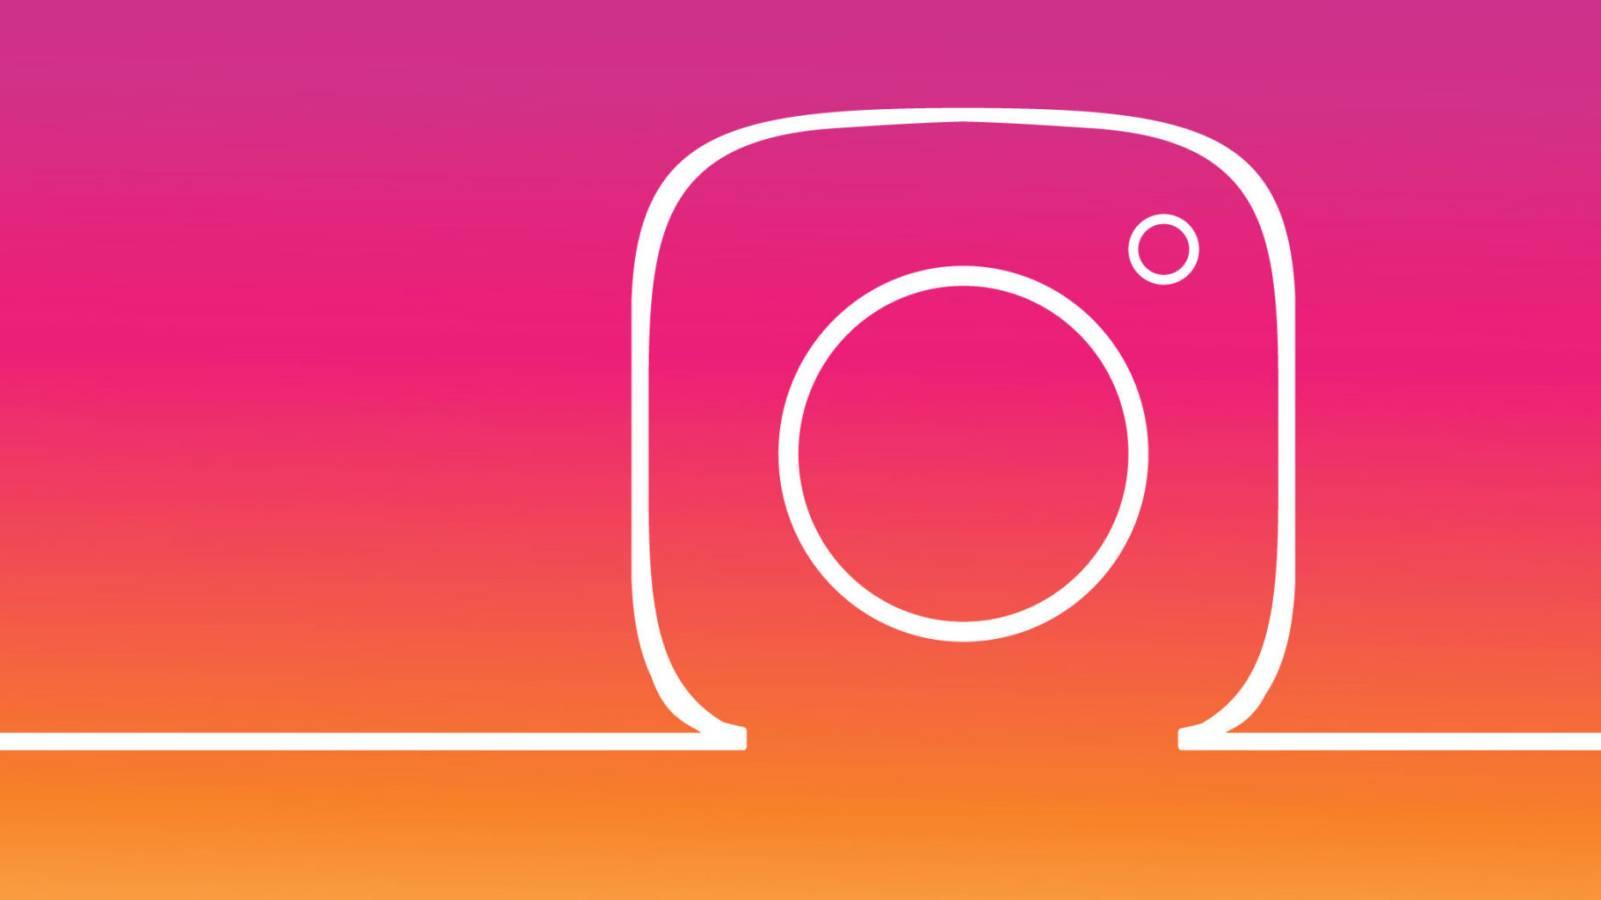 Instagram Actualizarea Noua Lansata pentru Telefoane, Tablete